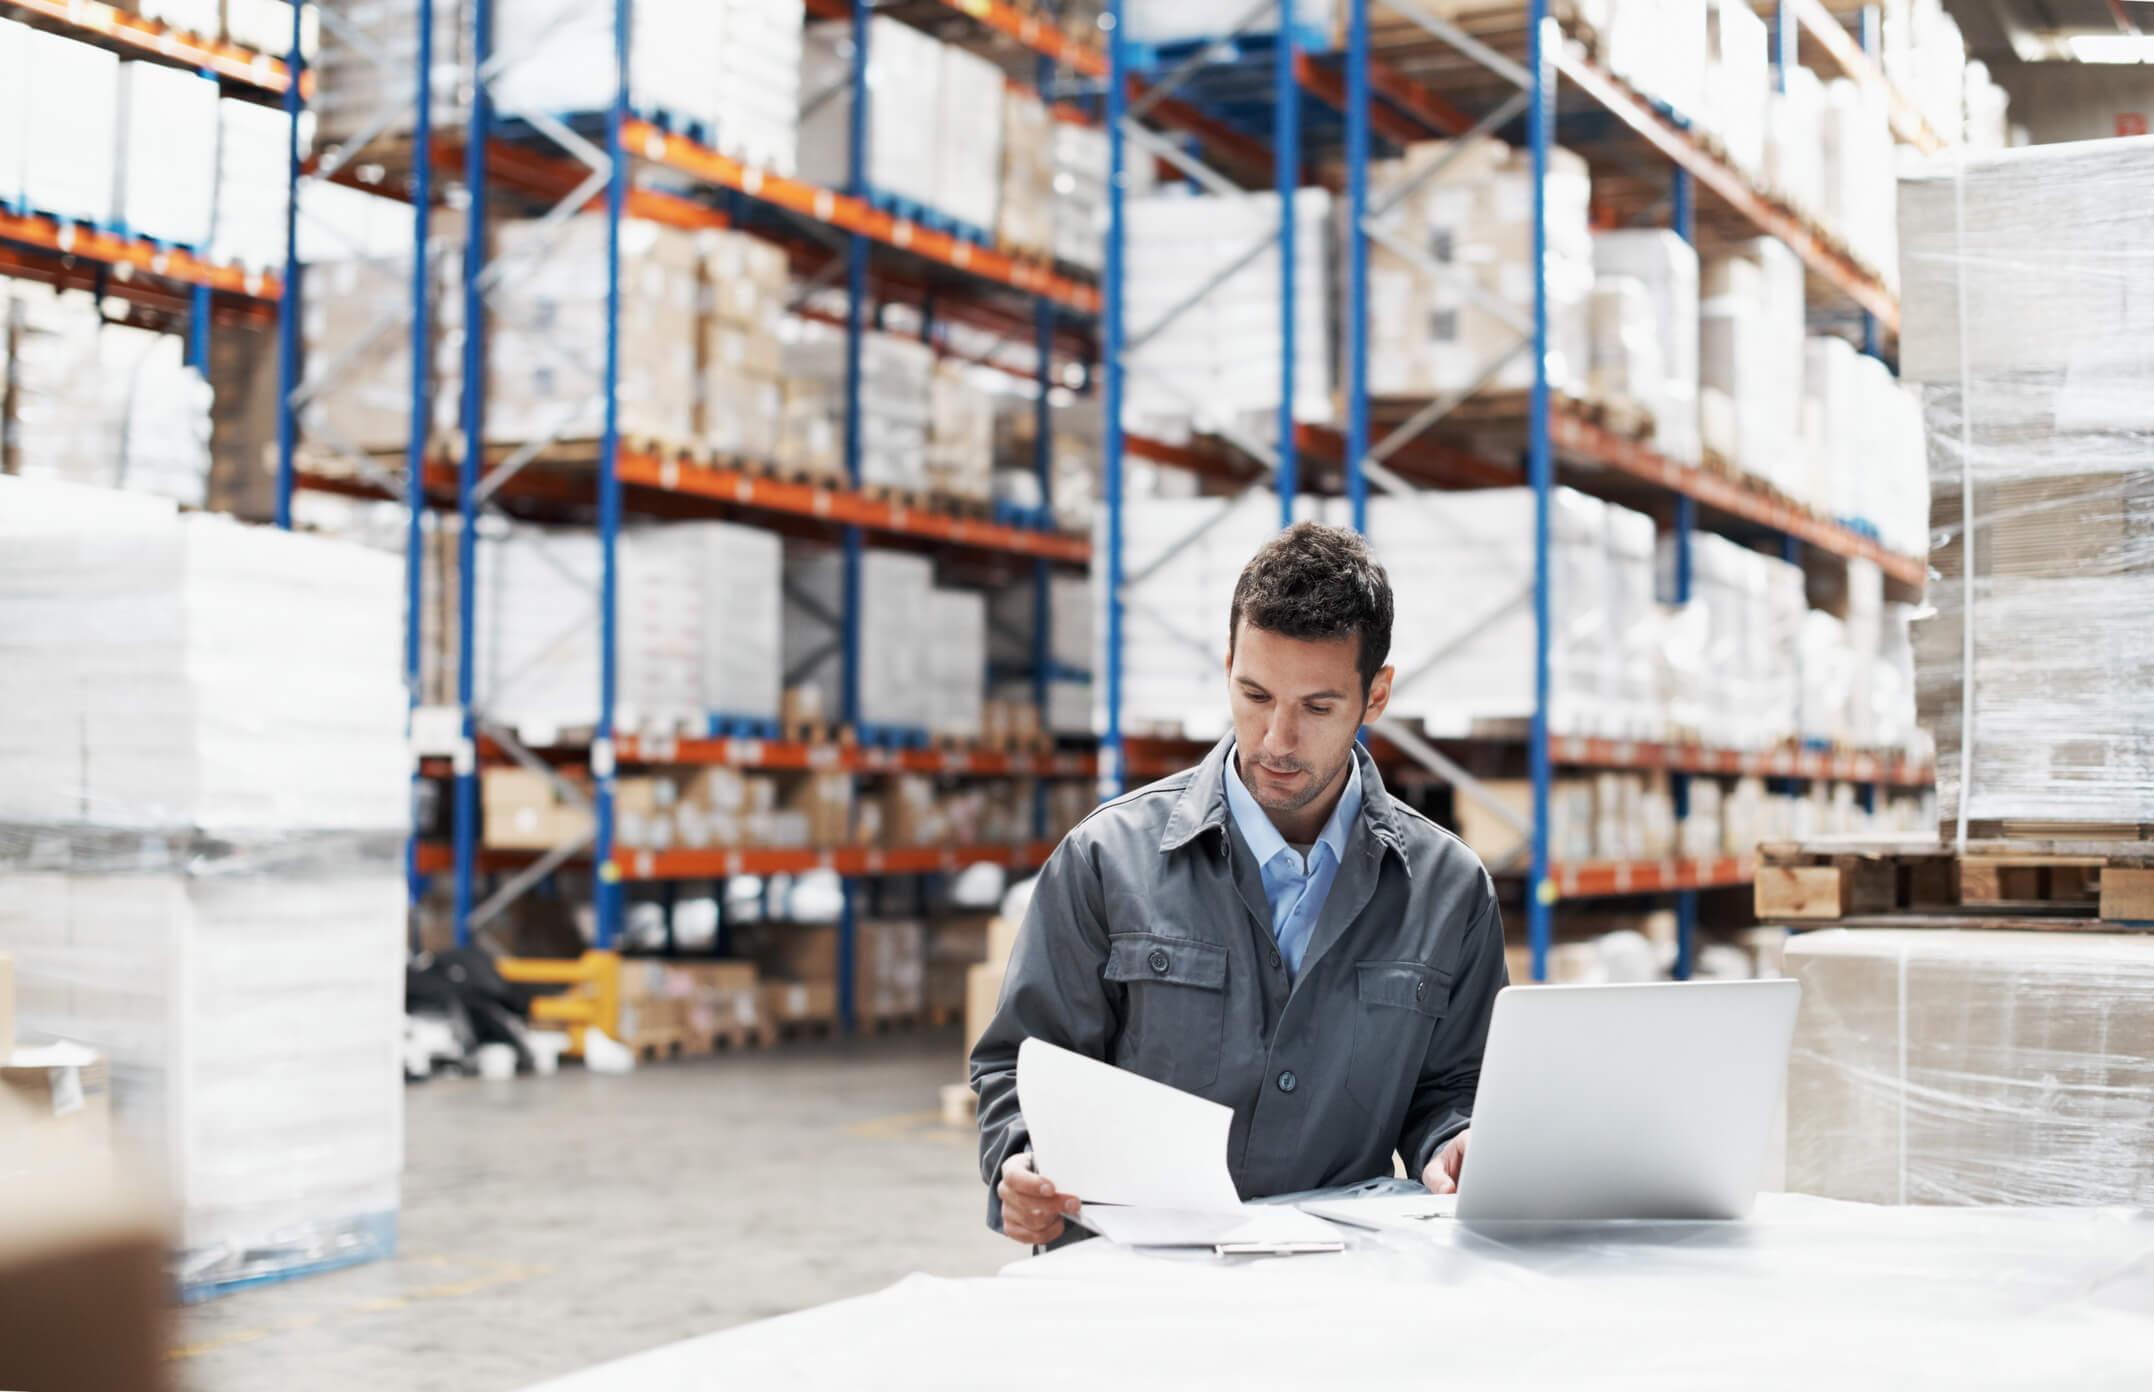 Descubre cómo simplificar la gestión de tu negocio